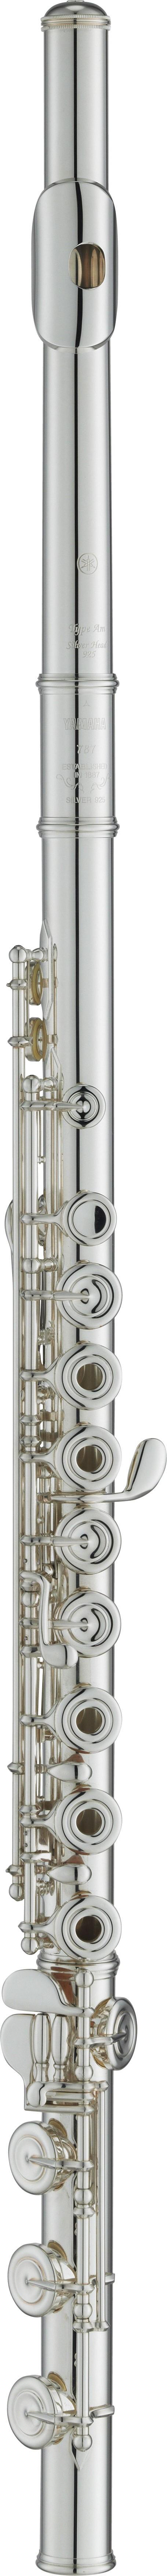 Yamaha - YFL - 787 - H - RBI - Holzblasinstrumente - Flöten ohne E-Mechanik | MUSIK BERTRAM Deutschland Freiburg